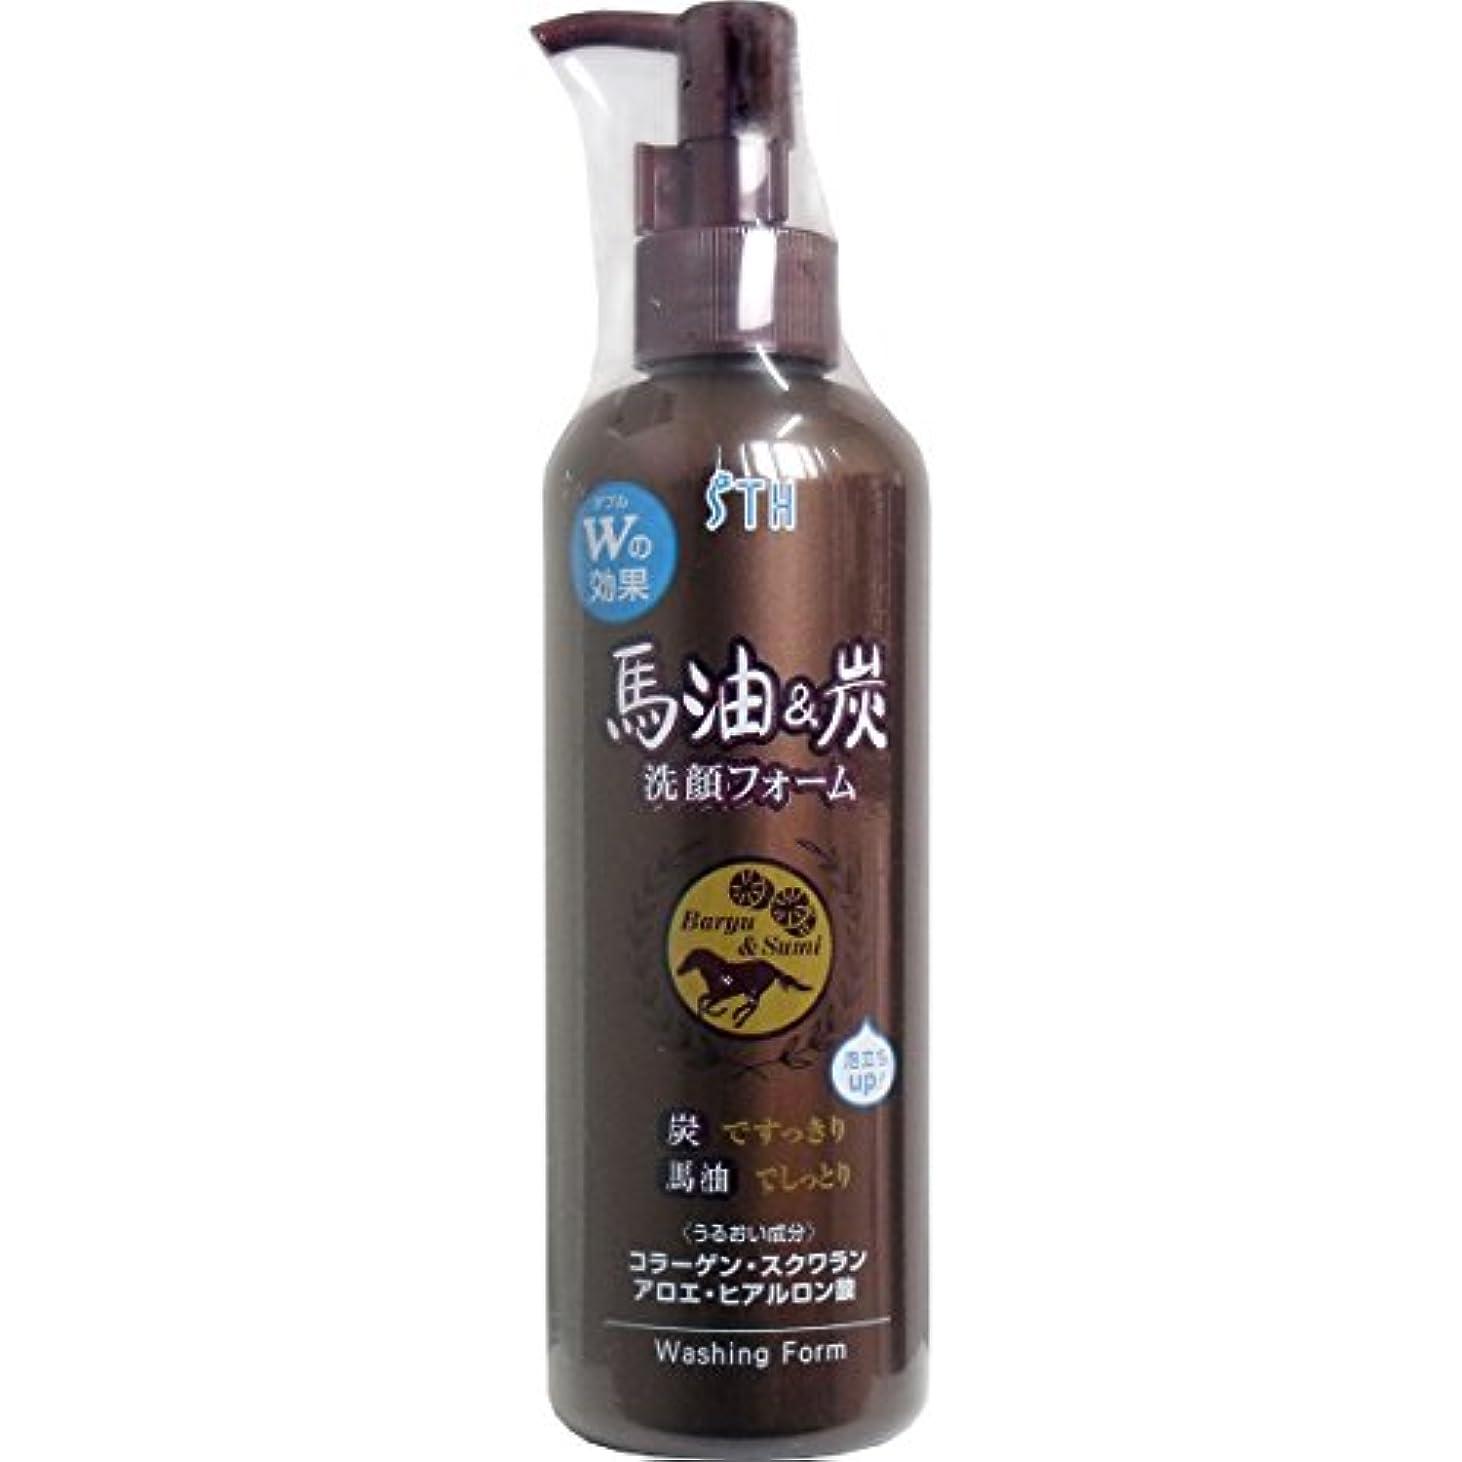 苦まろやかな可能性馬油&炭 洗顔フォーム ポンプ 250mL【1個】